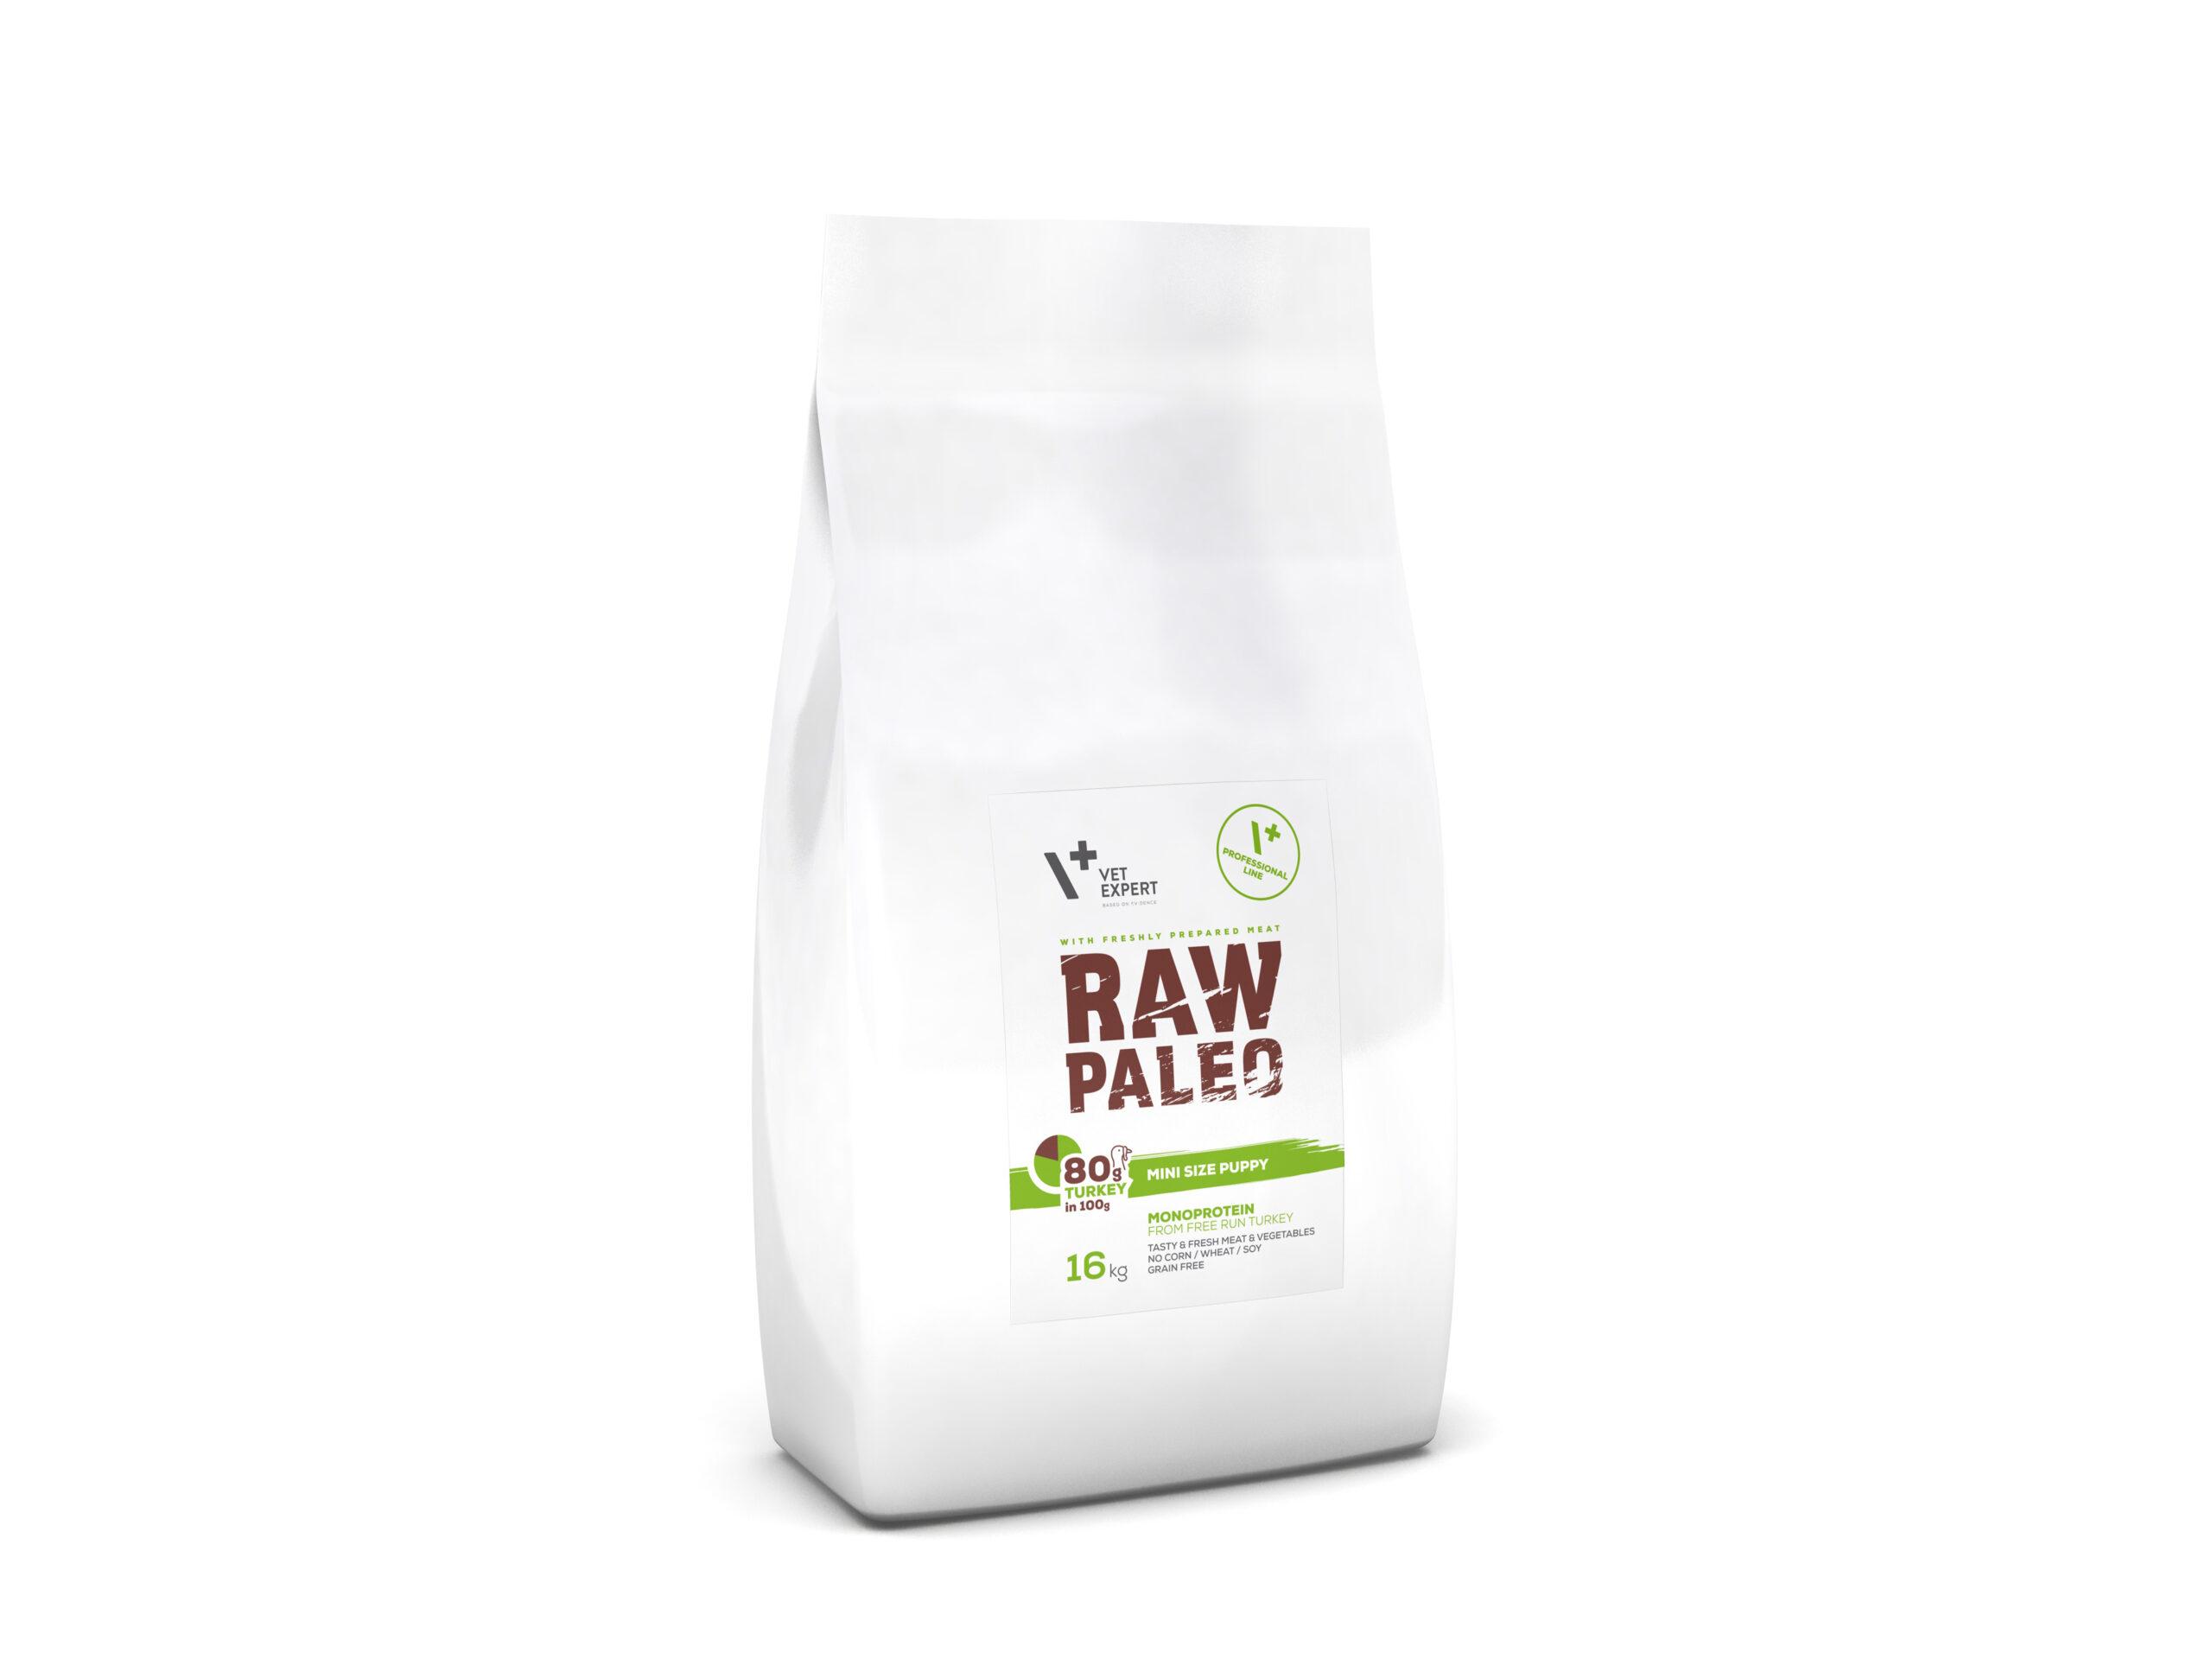 VetExpert Raw Paleo Mini Size Puppy 16kg Premium getreidefreies Hundefutter, Alleinfuttermittel, Trockenfutter, Nassfutter, Hundebedarf, Hundenahrung, Hundeernährung